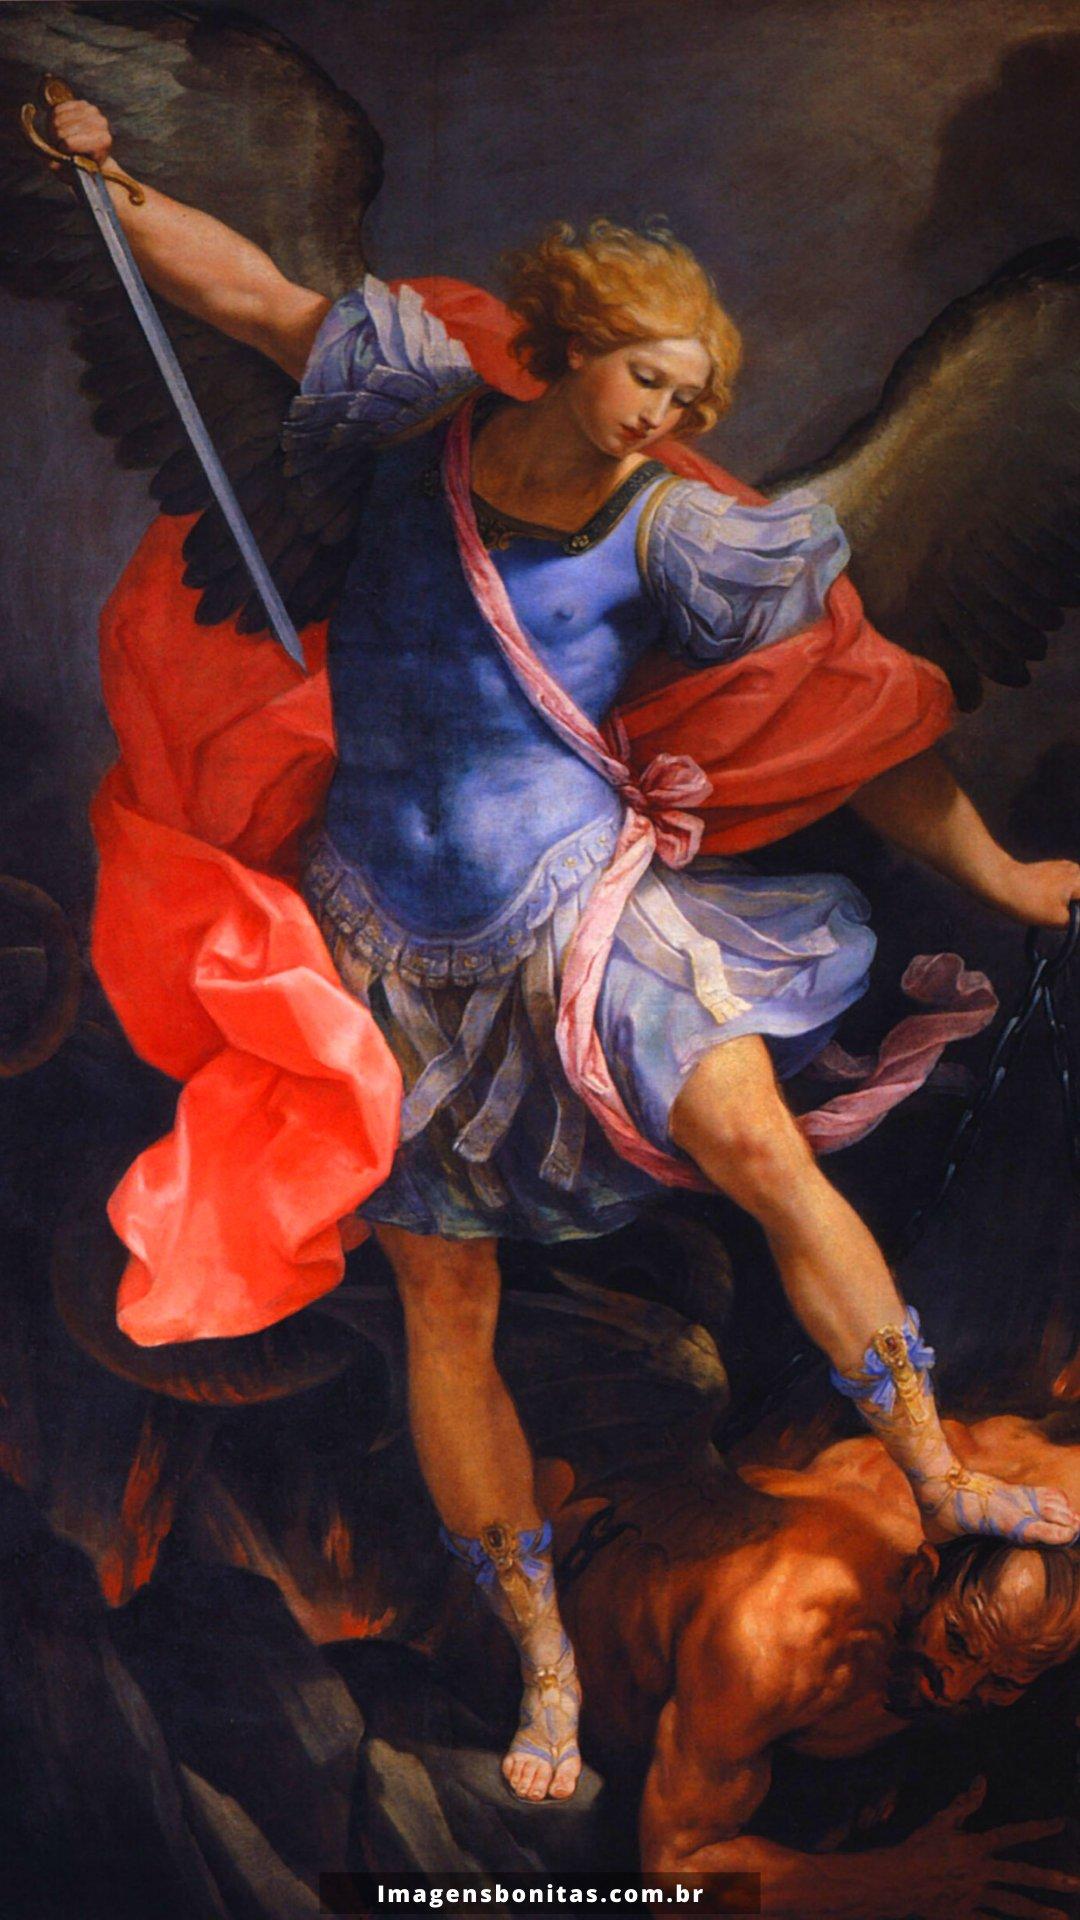 Wallpaper de São Miguel Arcanjo para celular